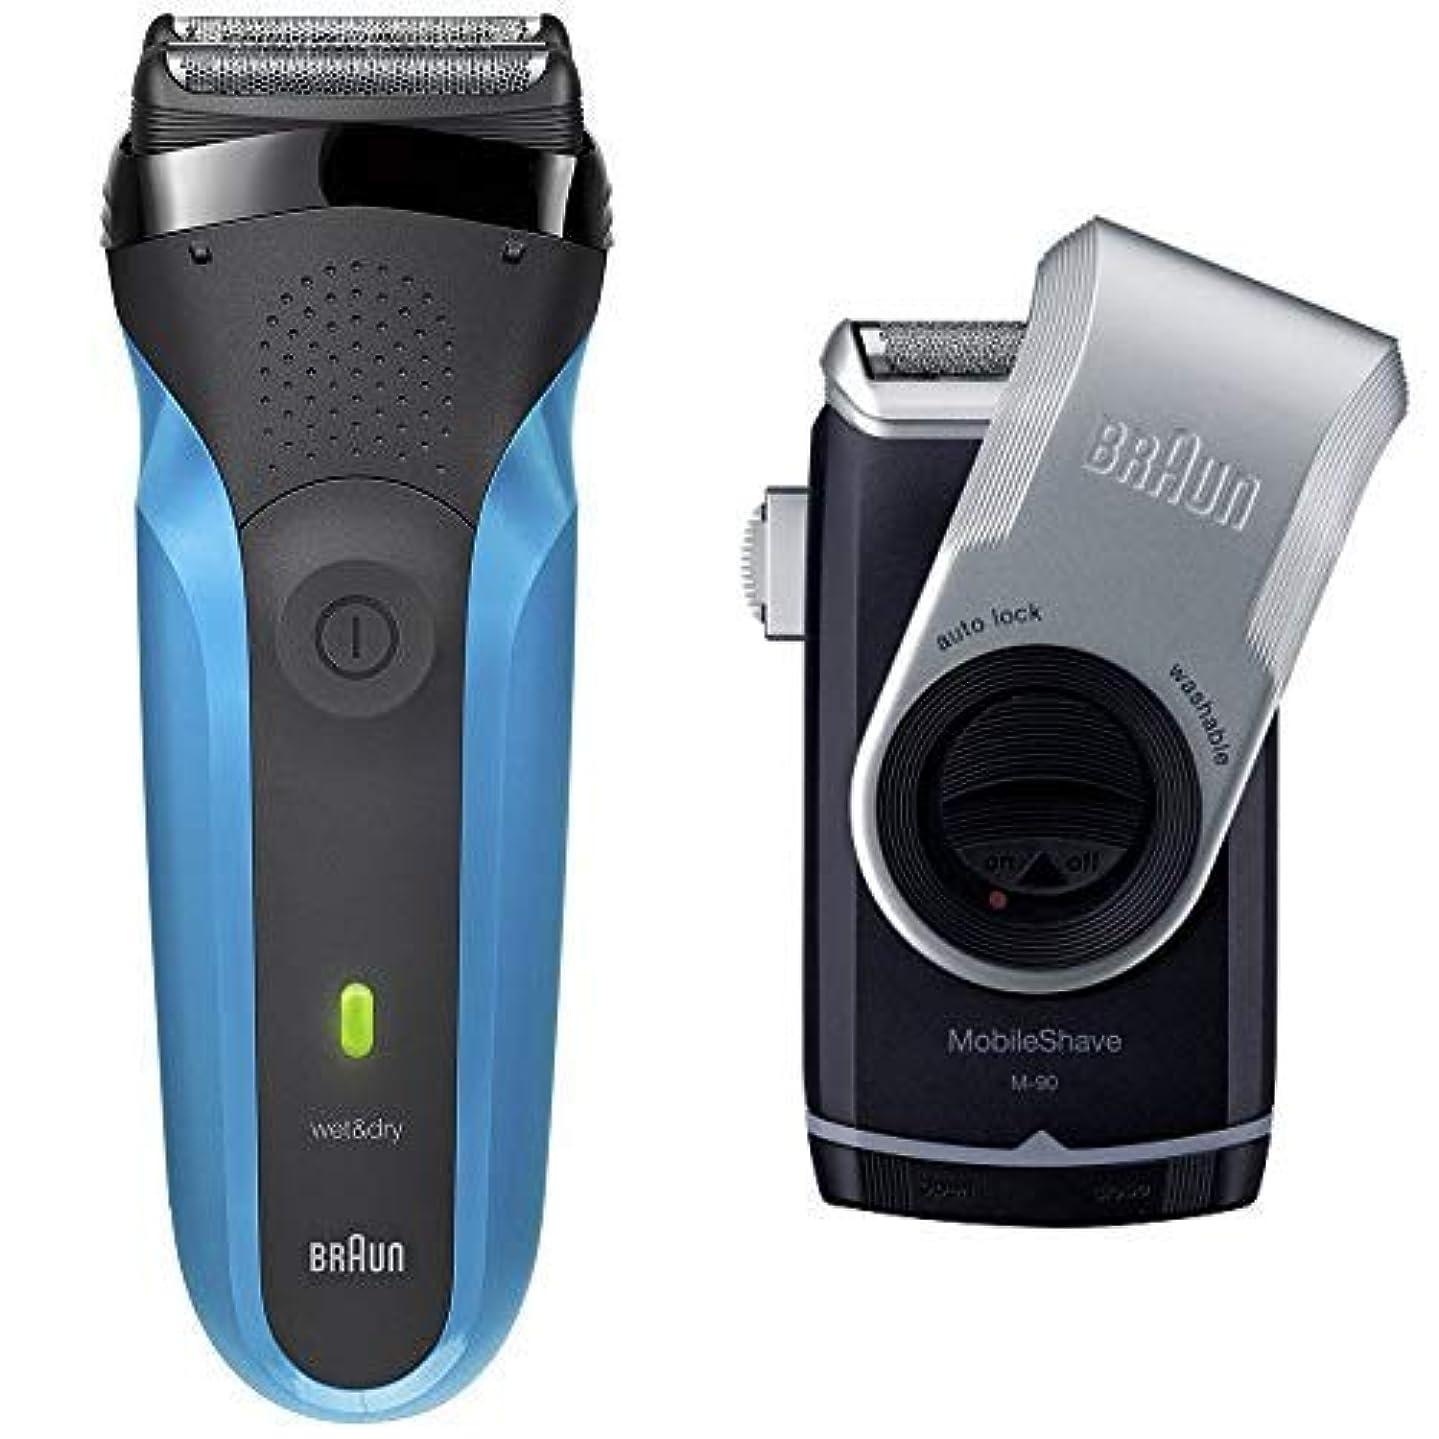 とティームフック七面鳥ブラウン メンズ電気シェーバー シリーズ3 310s 3枚刃 水洗い/お風呂剃り可 & モバイルメンズ電気シェーバー M-90 水洗い可